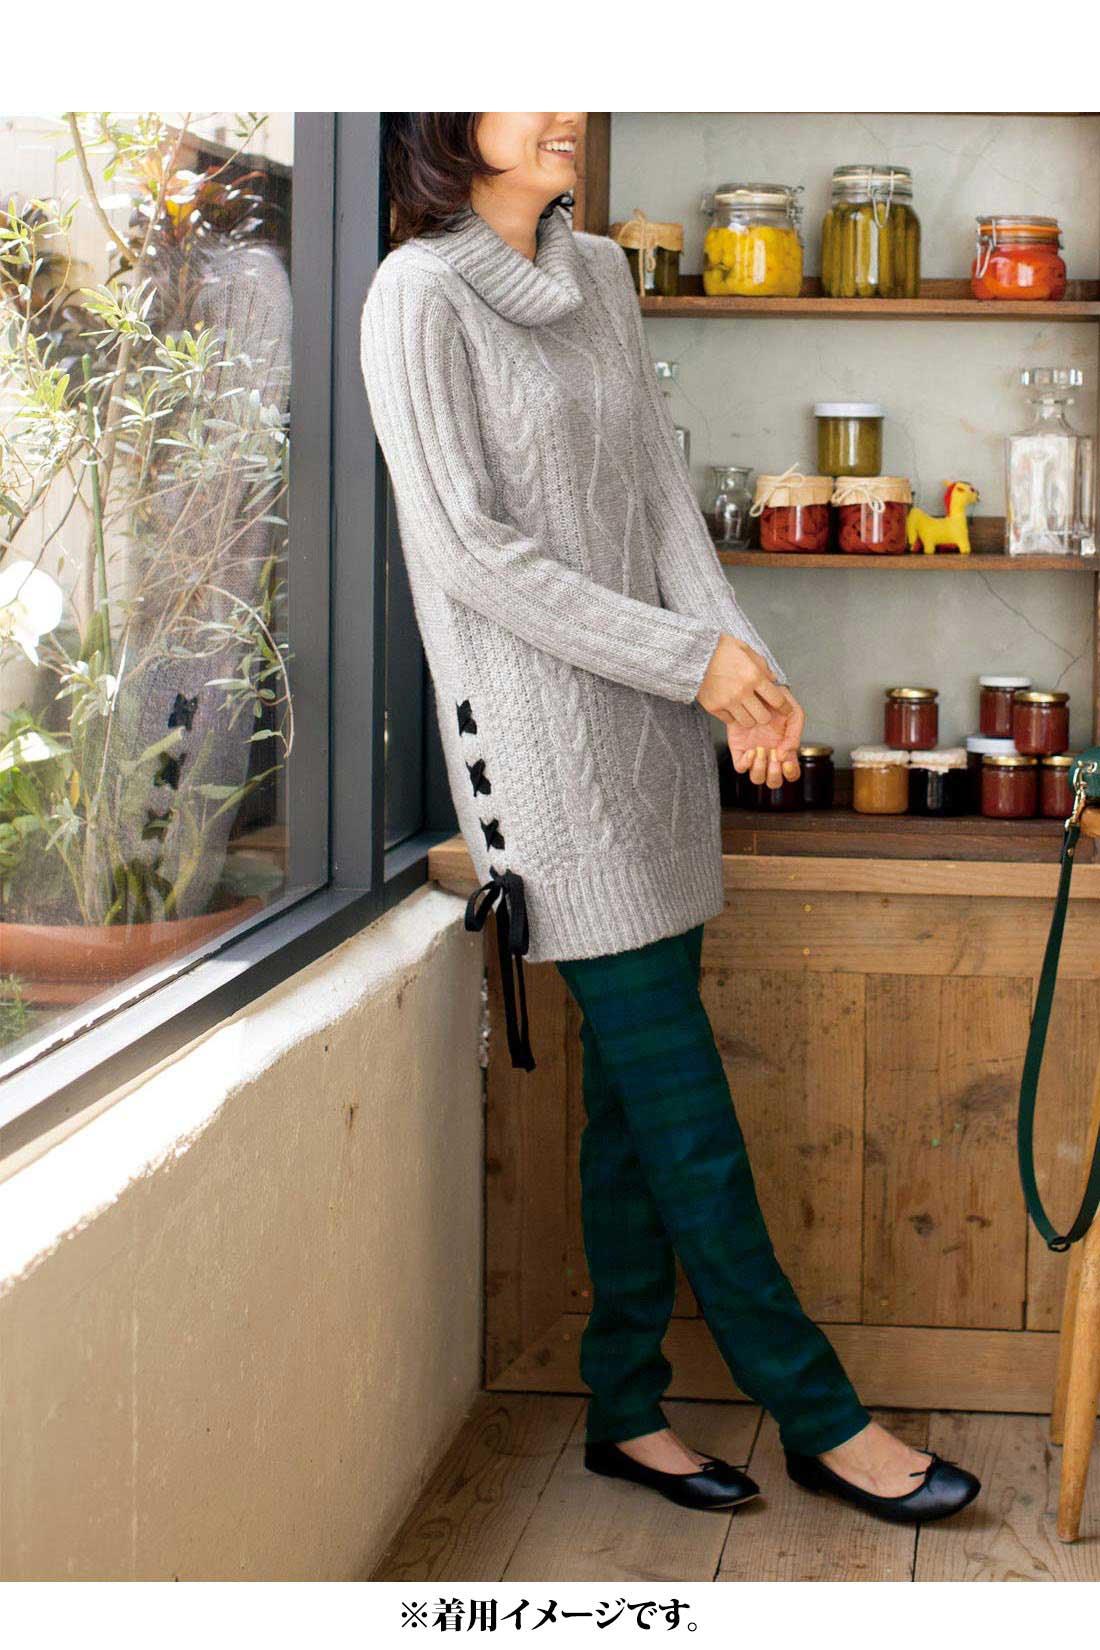 軽やかな【杢グレイ】 袖は、腕がほっそり見える太リブ編み。 サイドはニットリボンの編み上げでさりげなく華やかに。